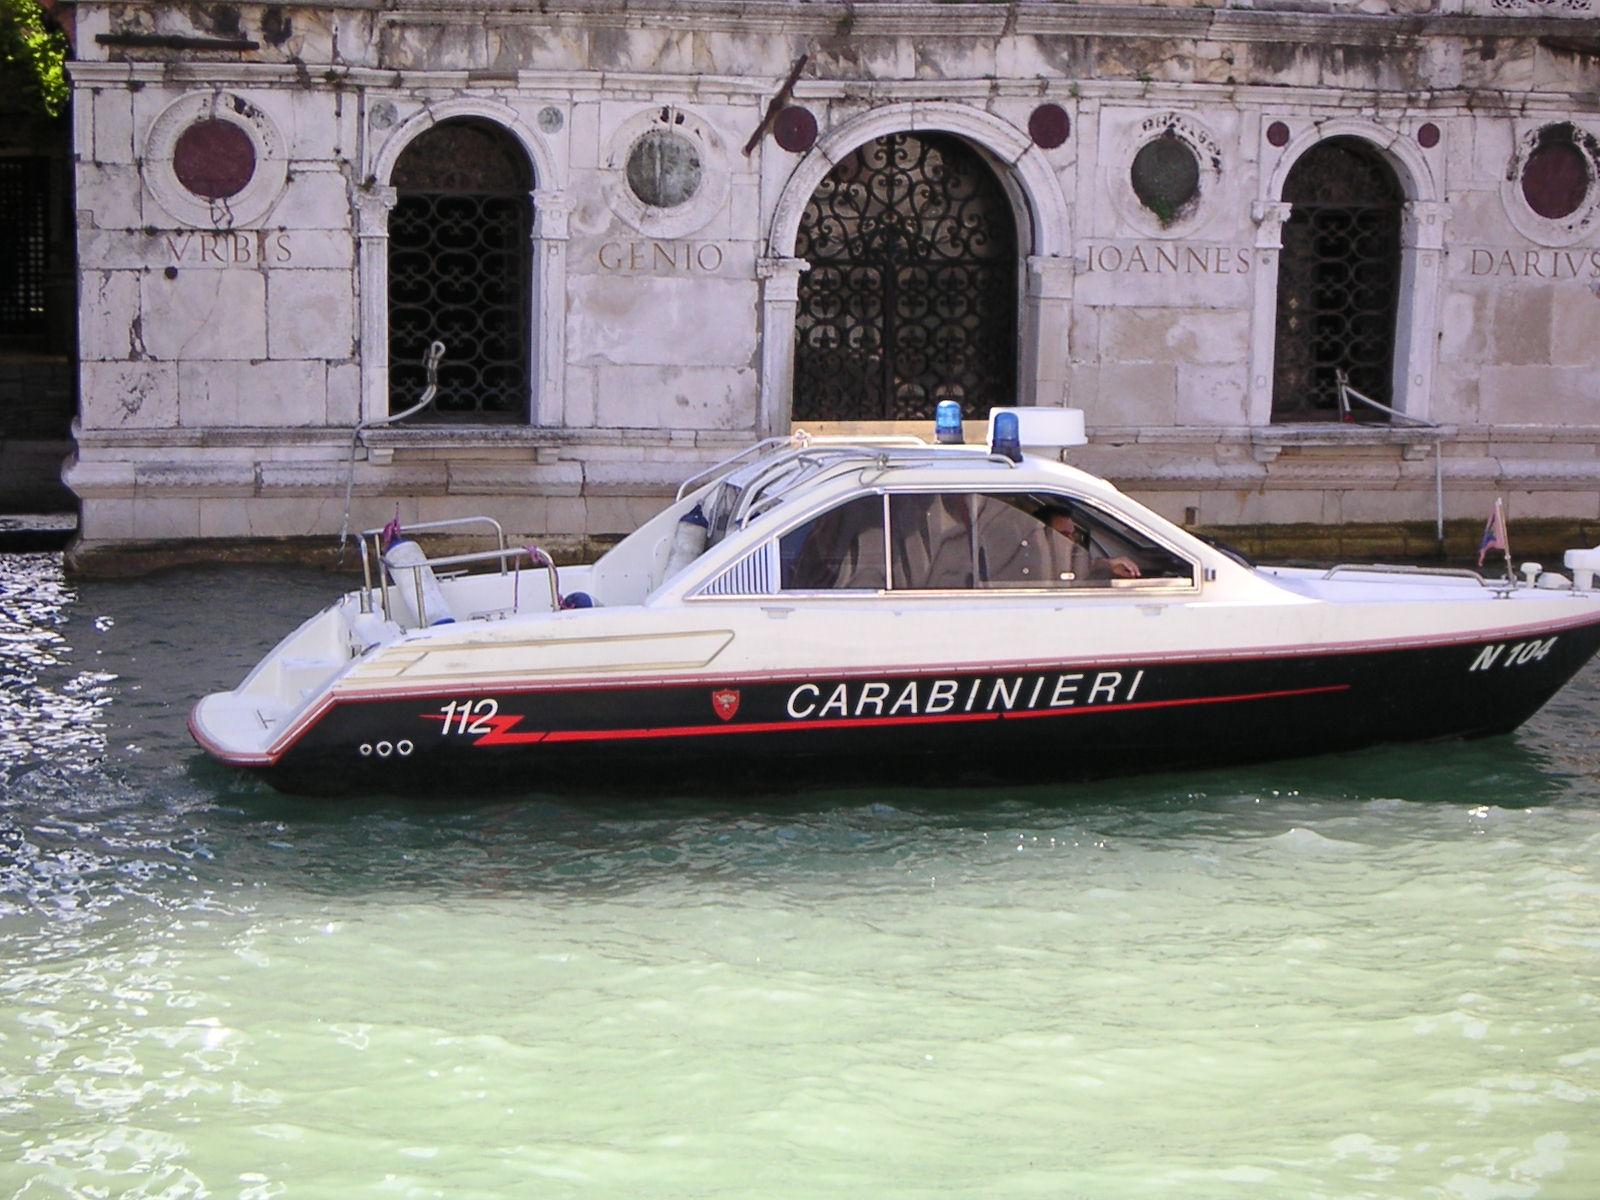 Venezia, come opera la Benemerita in Laguna? A bordo del Nucleo Natanti dei Carabinieri | Emergency Live 9